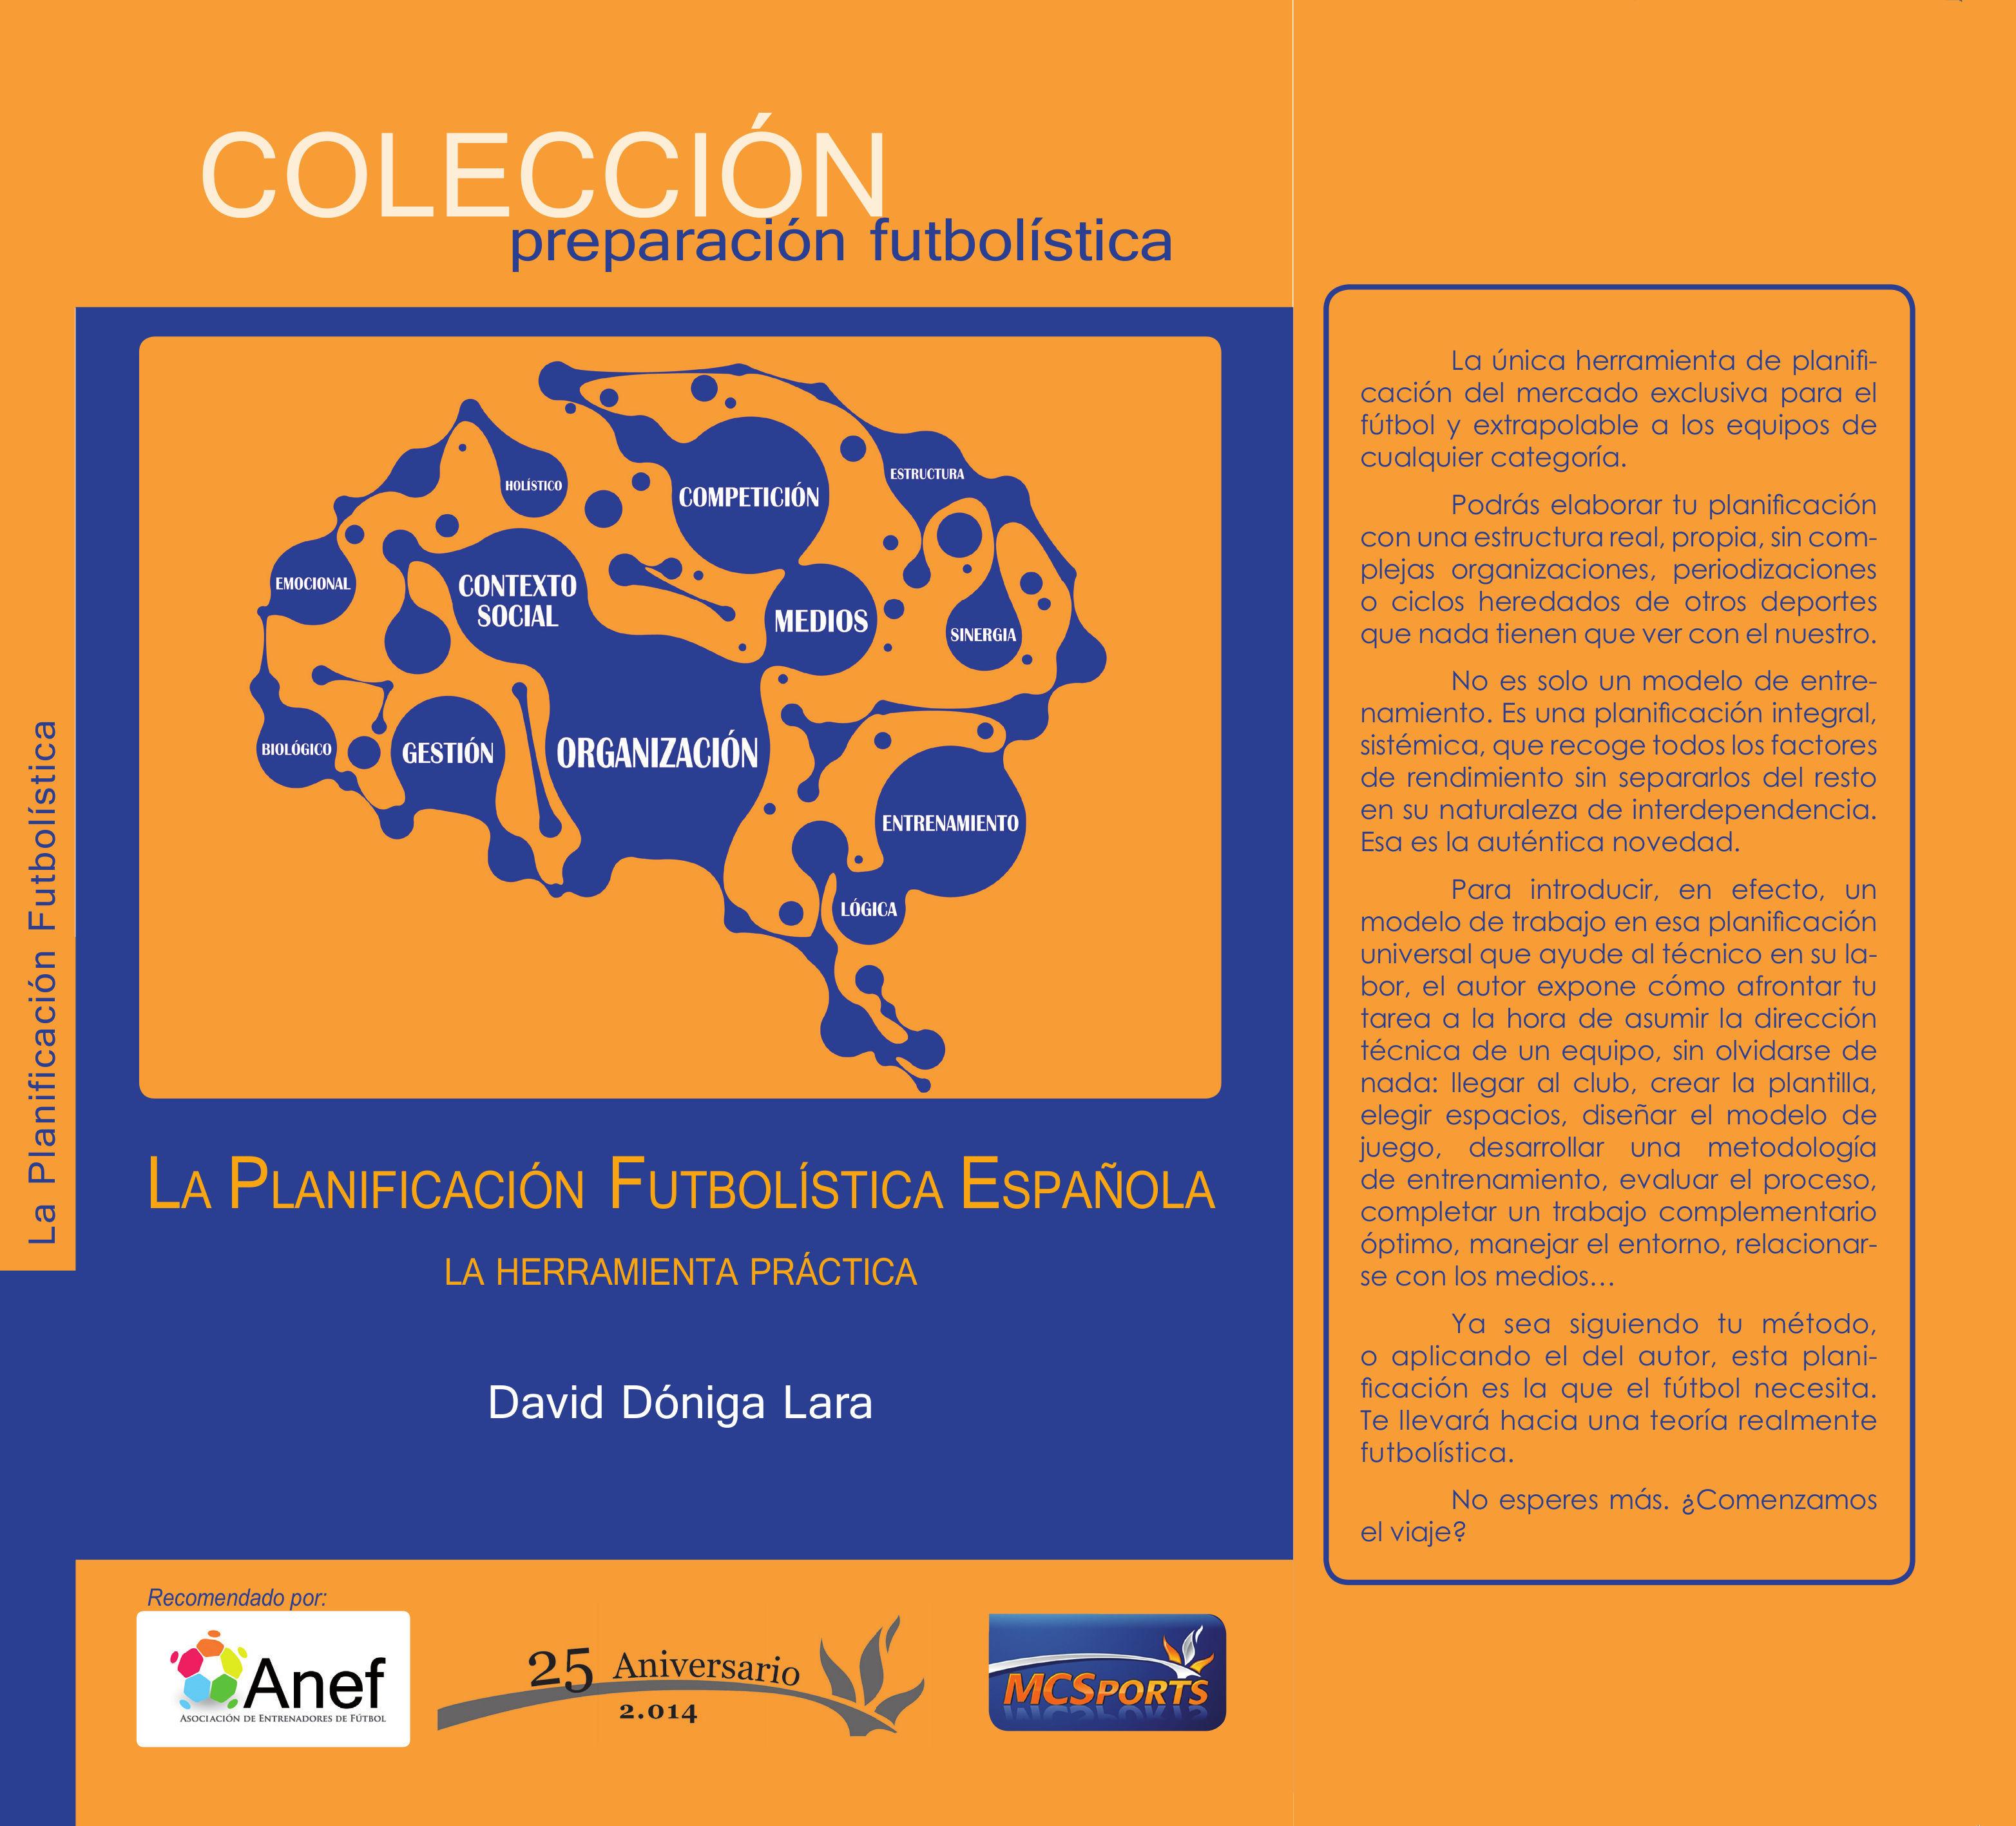 LA PLANIFICACIÓN FUTBOLÍSTICA ESPAÑOLA: LA HERRAMIENTA PRÁCTICA